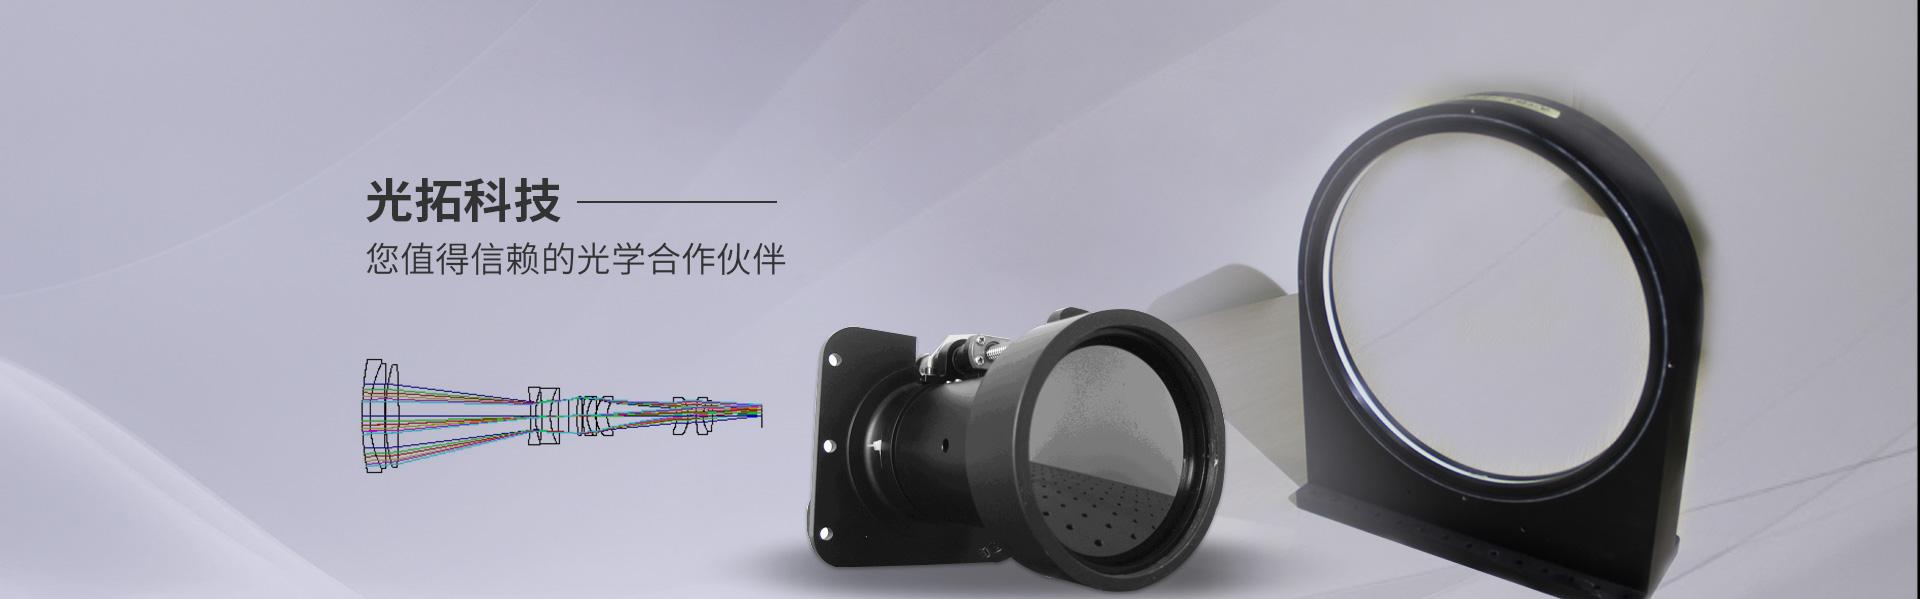 光学组装及镜头